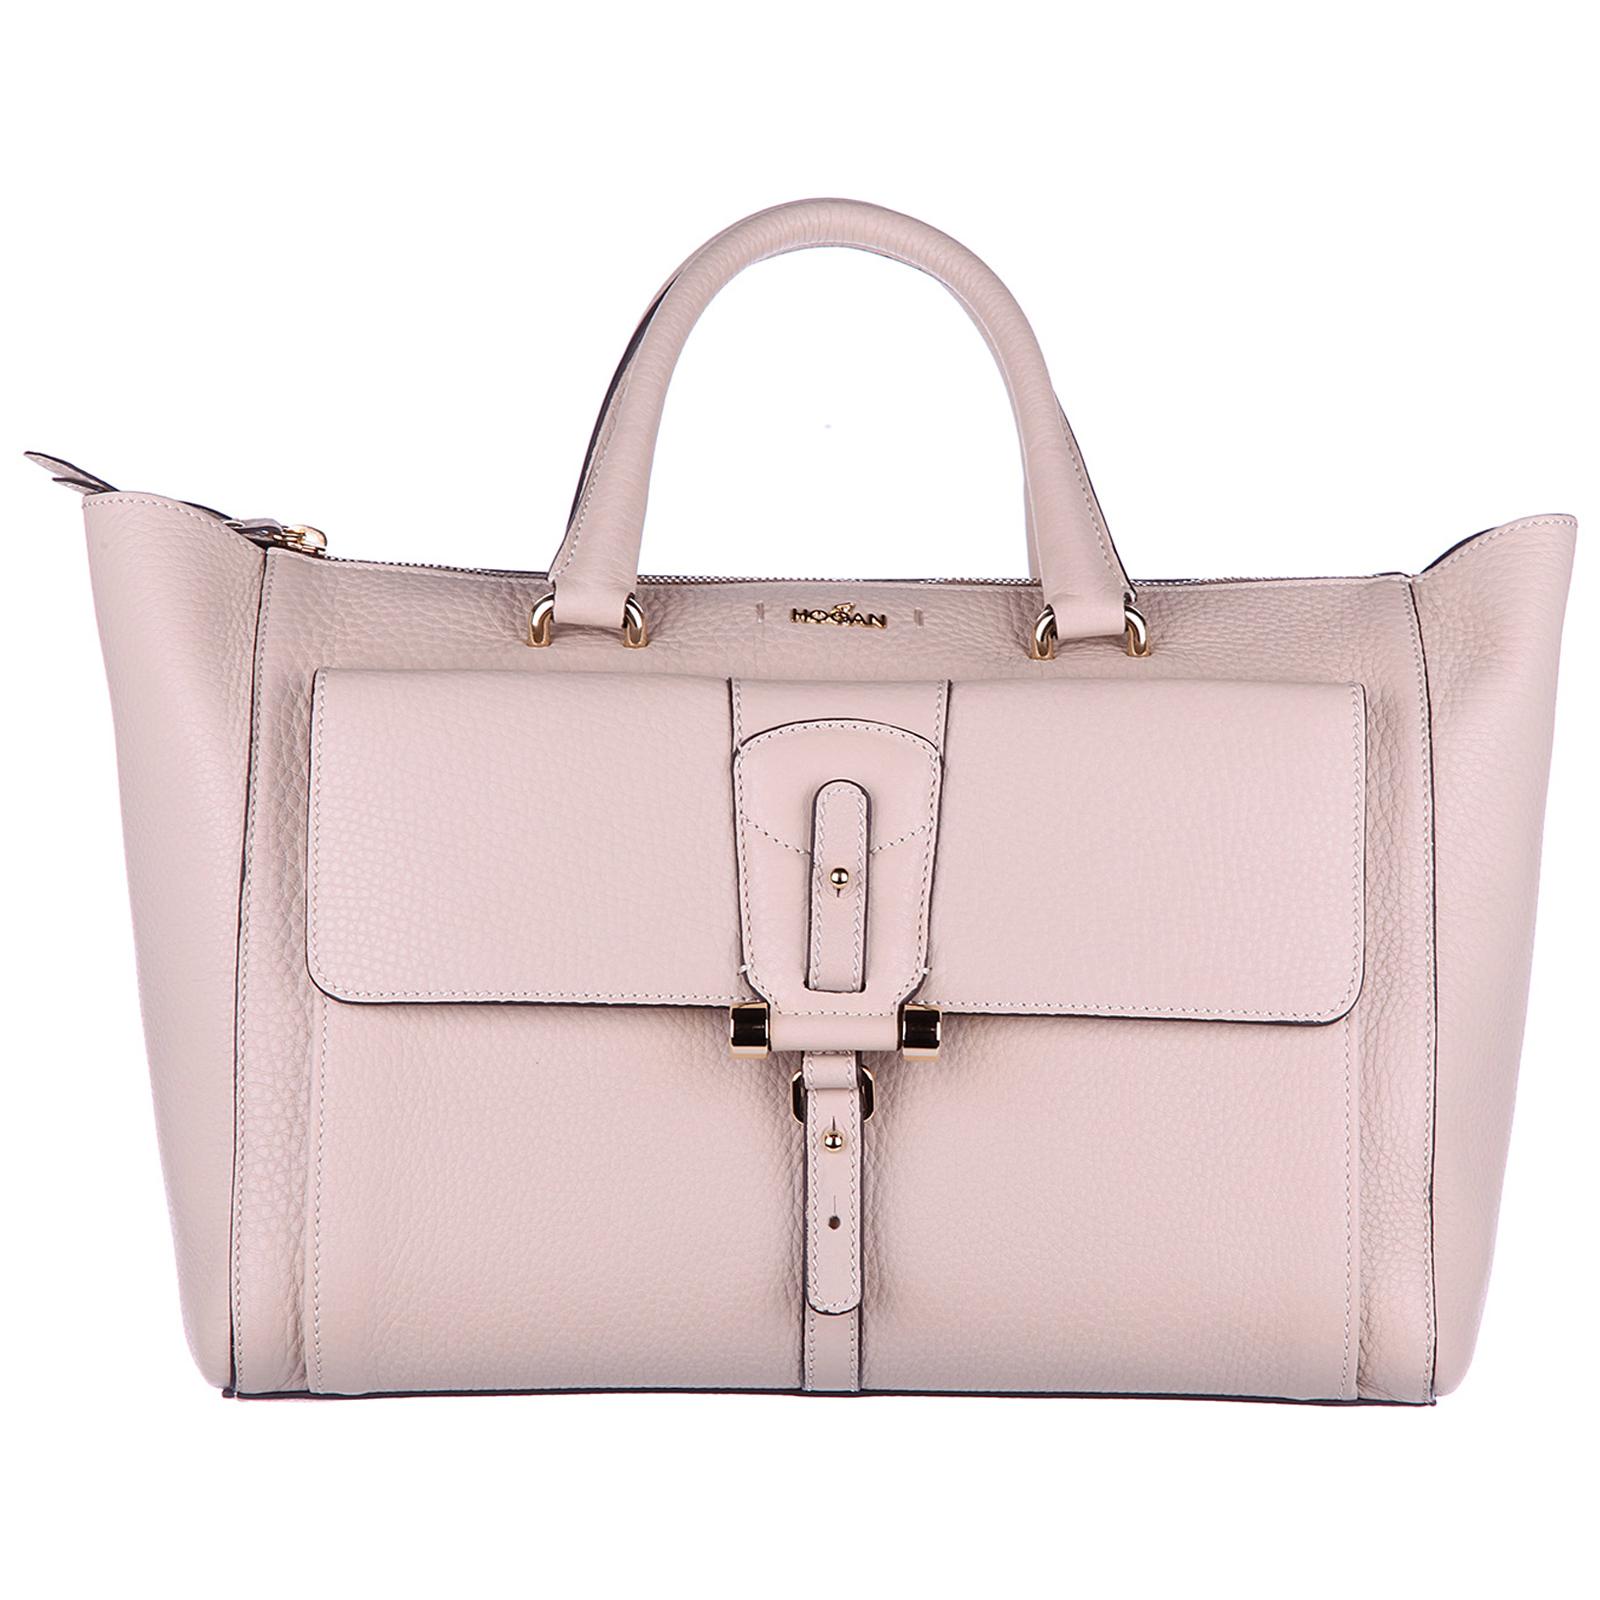 ebfadfdfca2e Hogan Women s leather handbag shopping bag purse